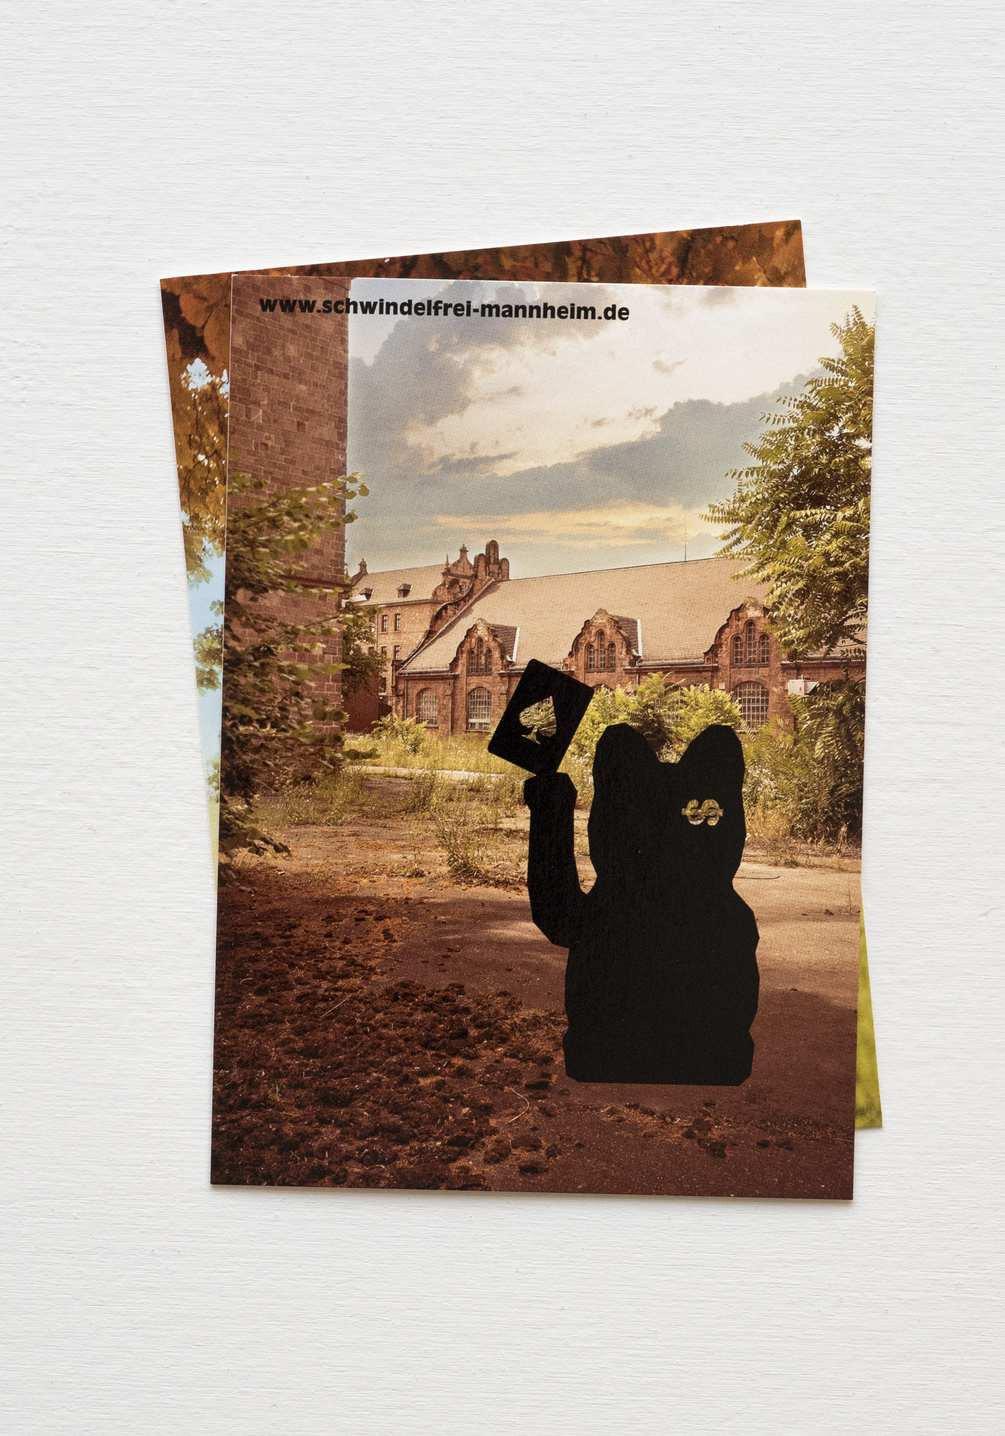 theatre-festival-schwindelfrei-postcard-2-1005x1435px